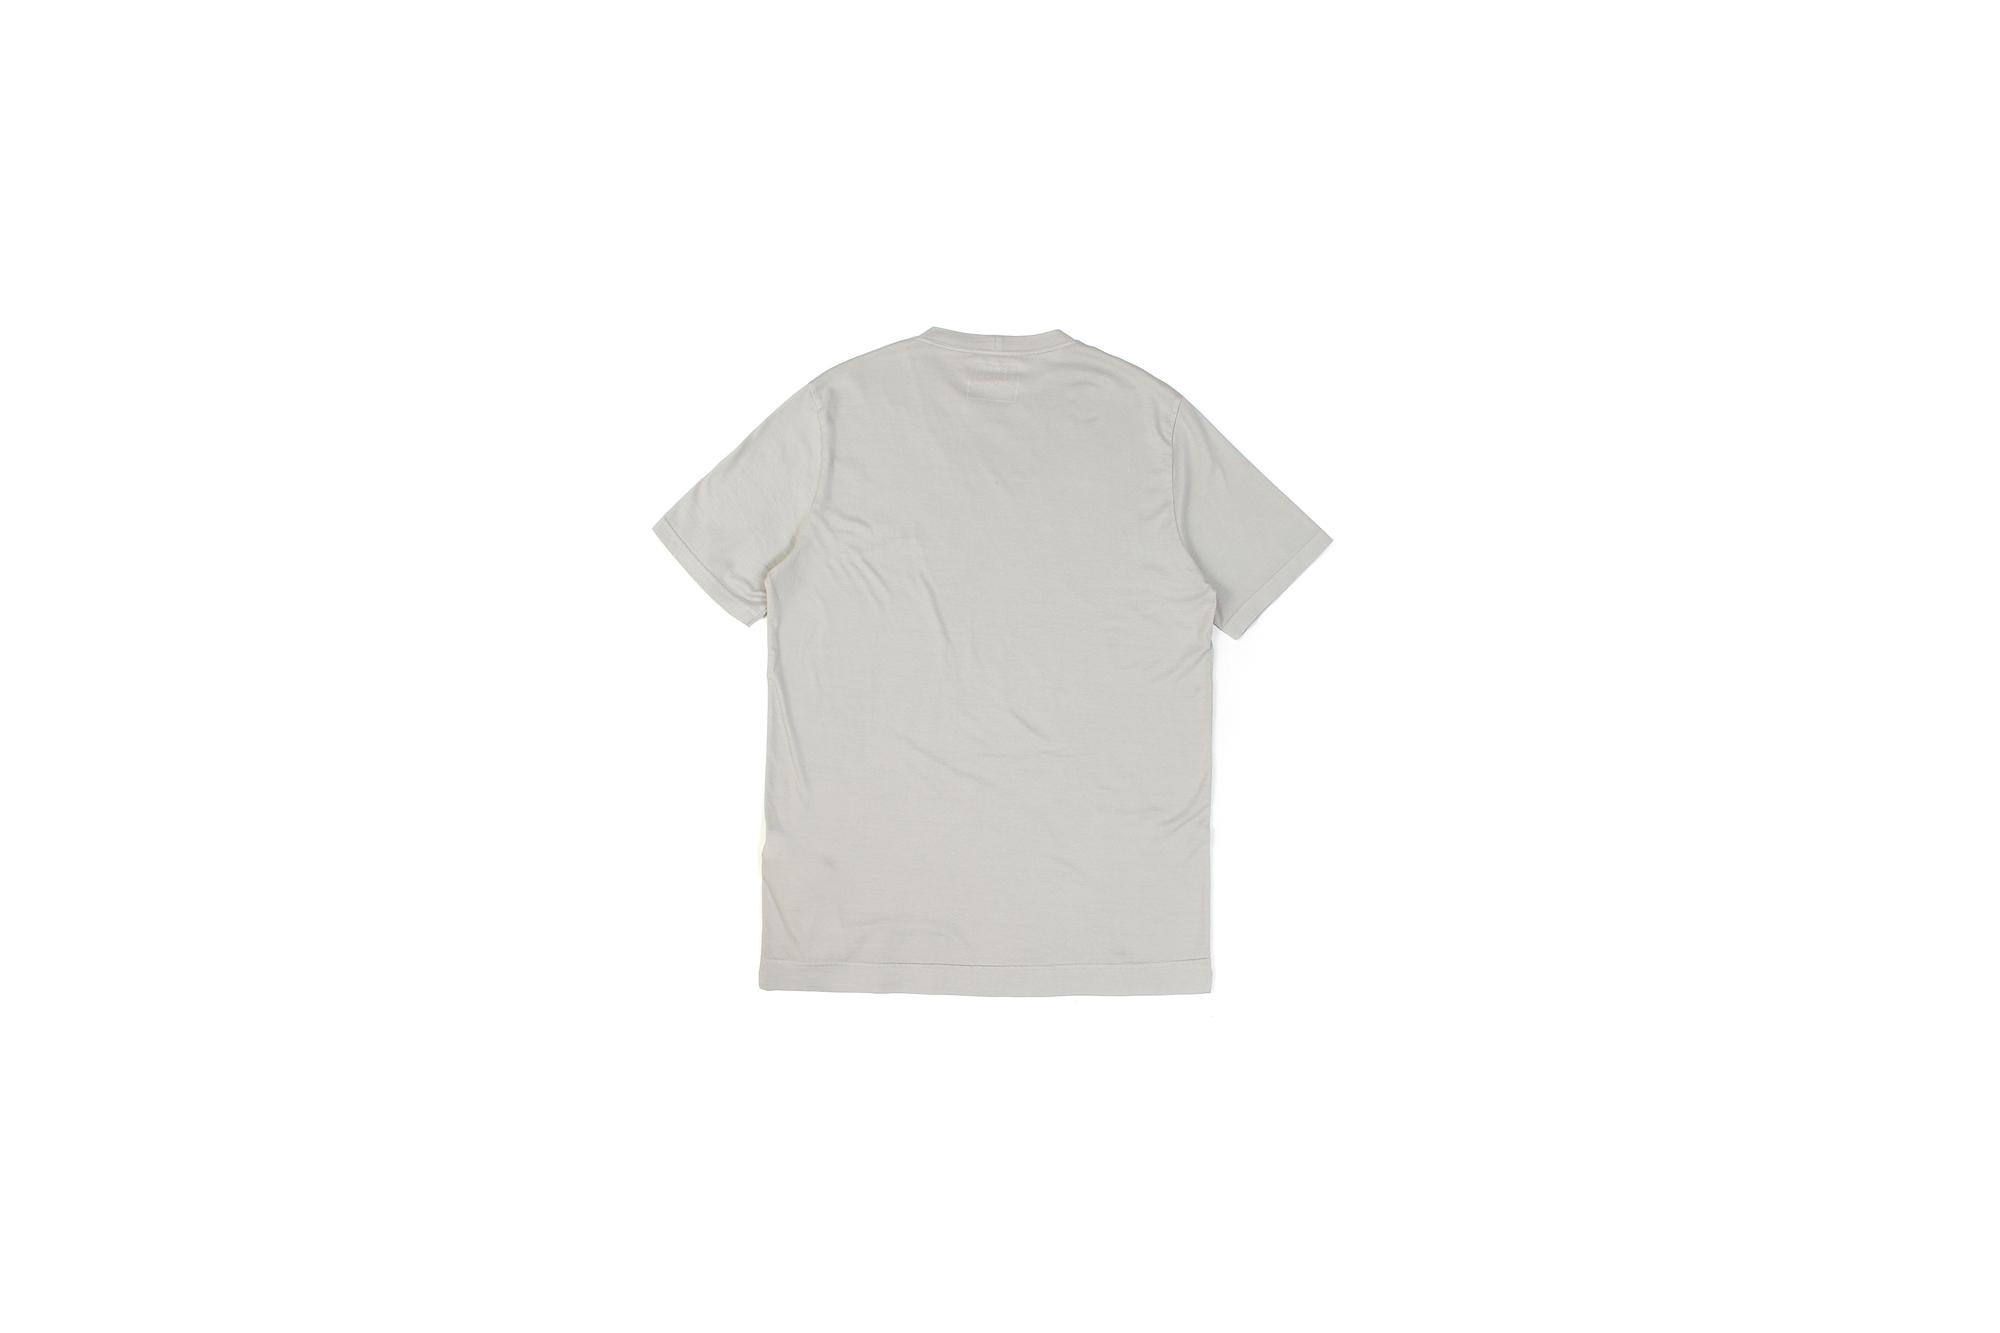 FEDELI(フェデリ) Crew Neck T-shirt (クルーネック Tシャツ) ギザコットン Tシャツ GRAY (グレー・55) made in italy (イタリア製) 2021 春夏【ご予約受付中】愛知 名古屋 altoediritto アルトエデリット スペシャルモデル TEE 半袖TシャツFEDELI(フェデリ) Crew Neck T-shirt (クルーネック Tシャツ) ギザコットン Tシャツ GRAY (グレー・55) made in italy (イタリア製) 2021 春夏【ご予約受付中】愛知 名古屋 altoediritto アルトエデリット スペシャルモデル TEE 半袖Tシャツ